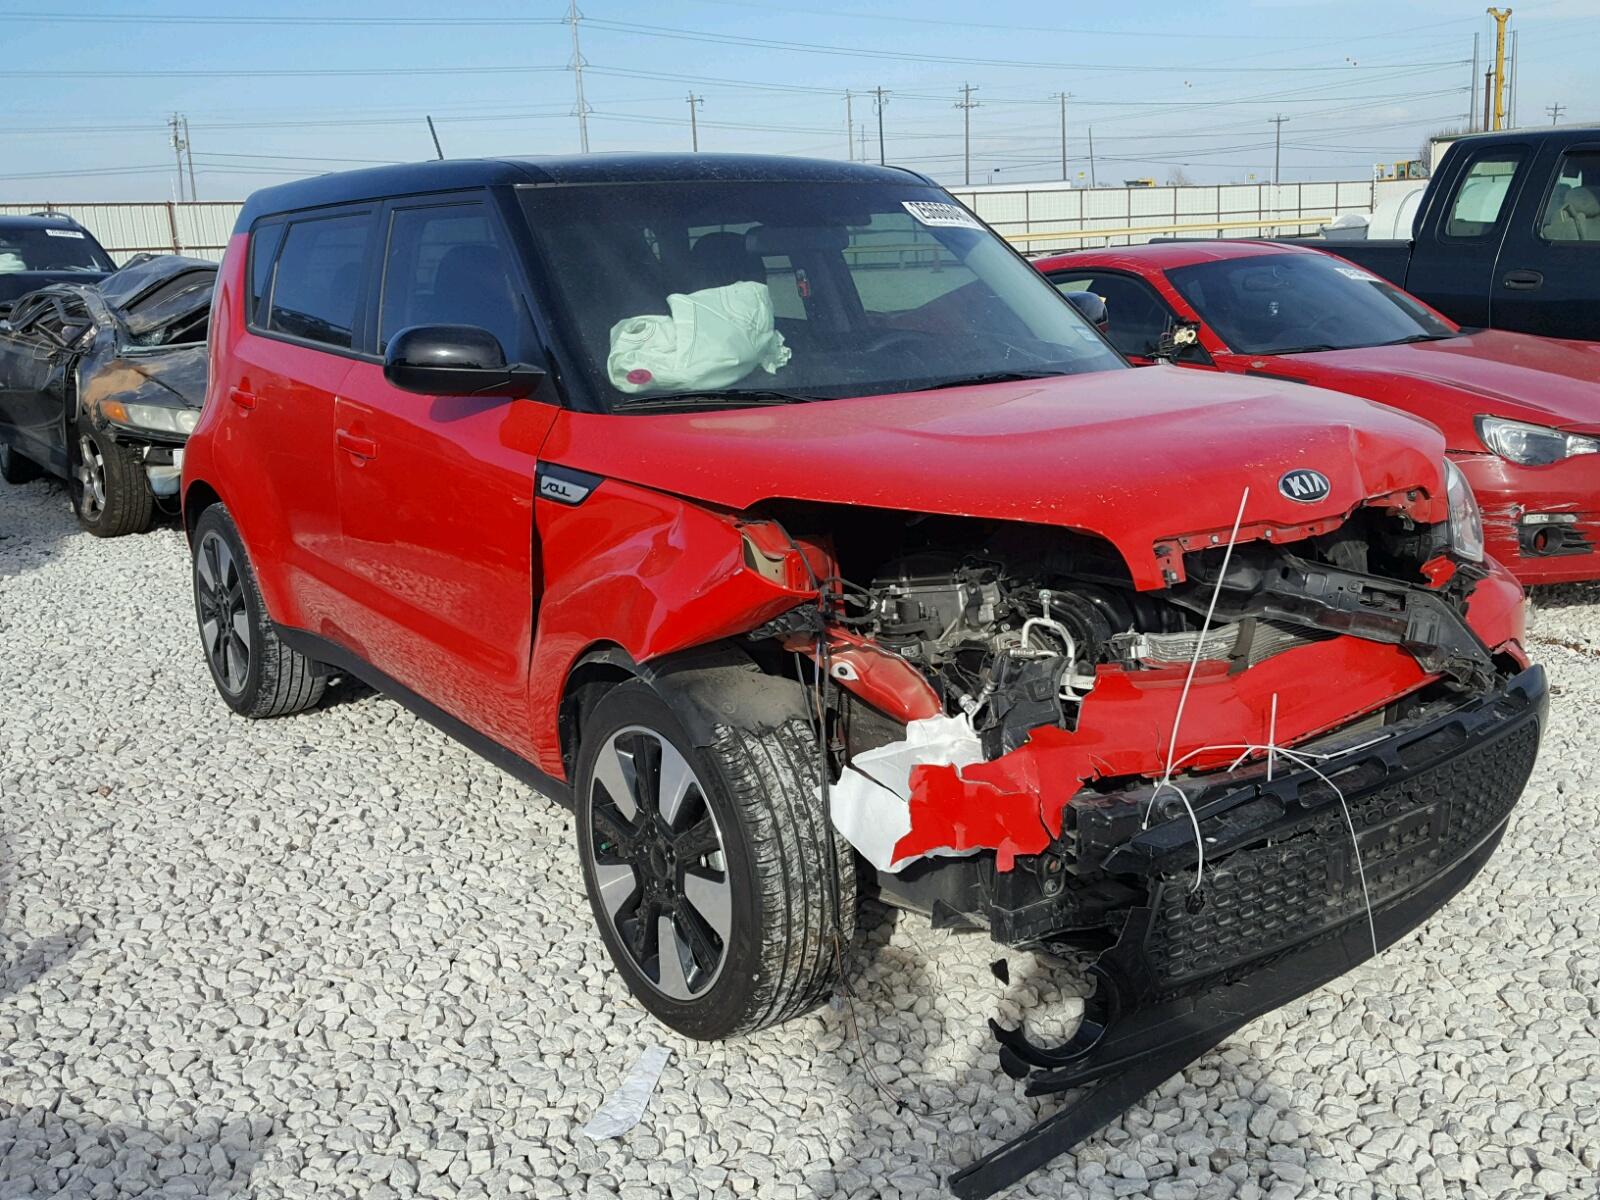 rouge baton carfinder la online kia en in sale title of auctions auto lot on left soul copart salvage cert black view